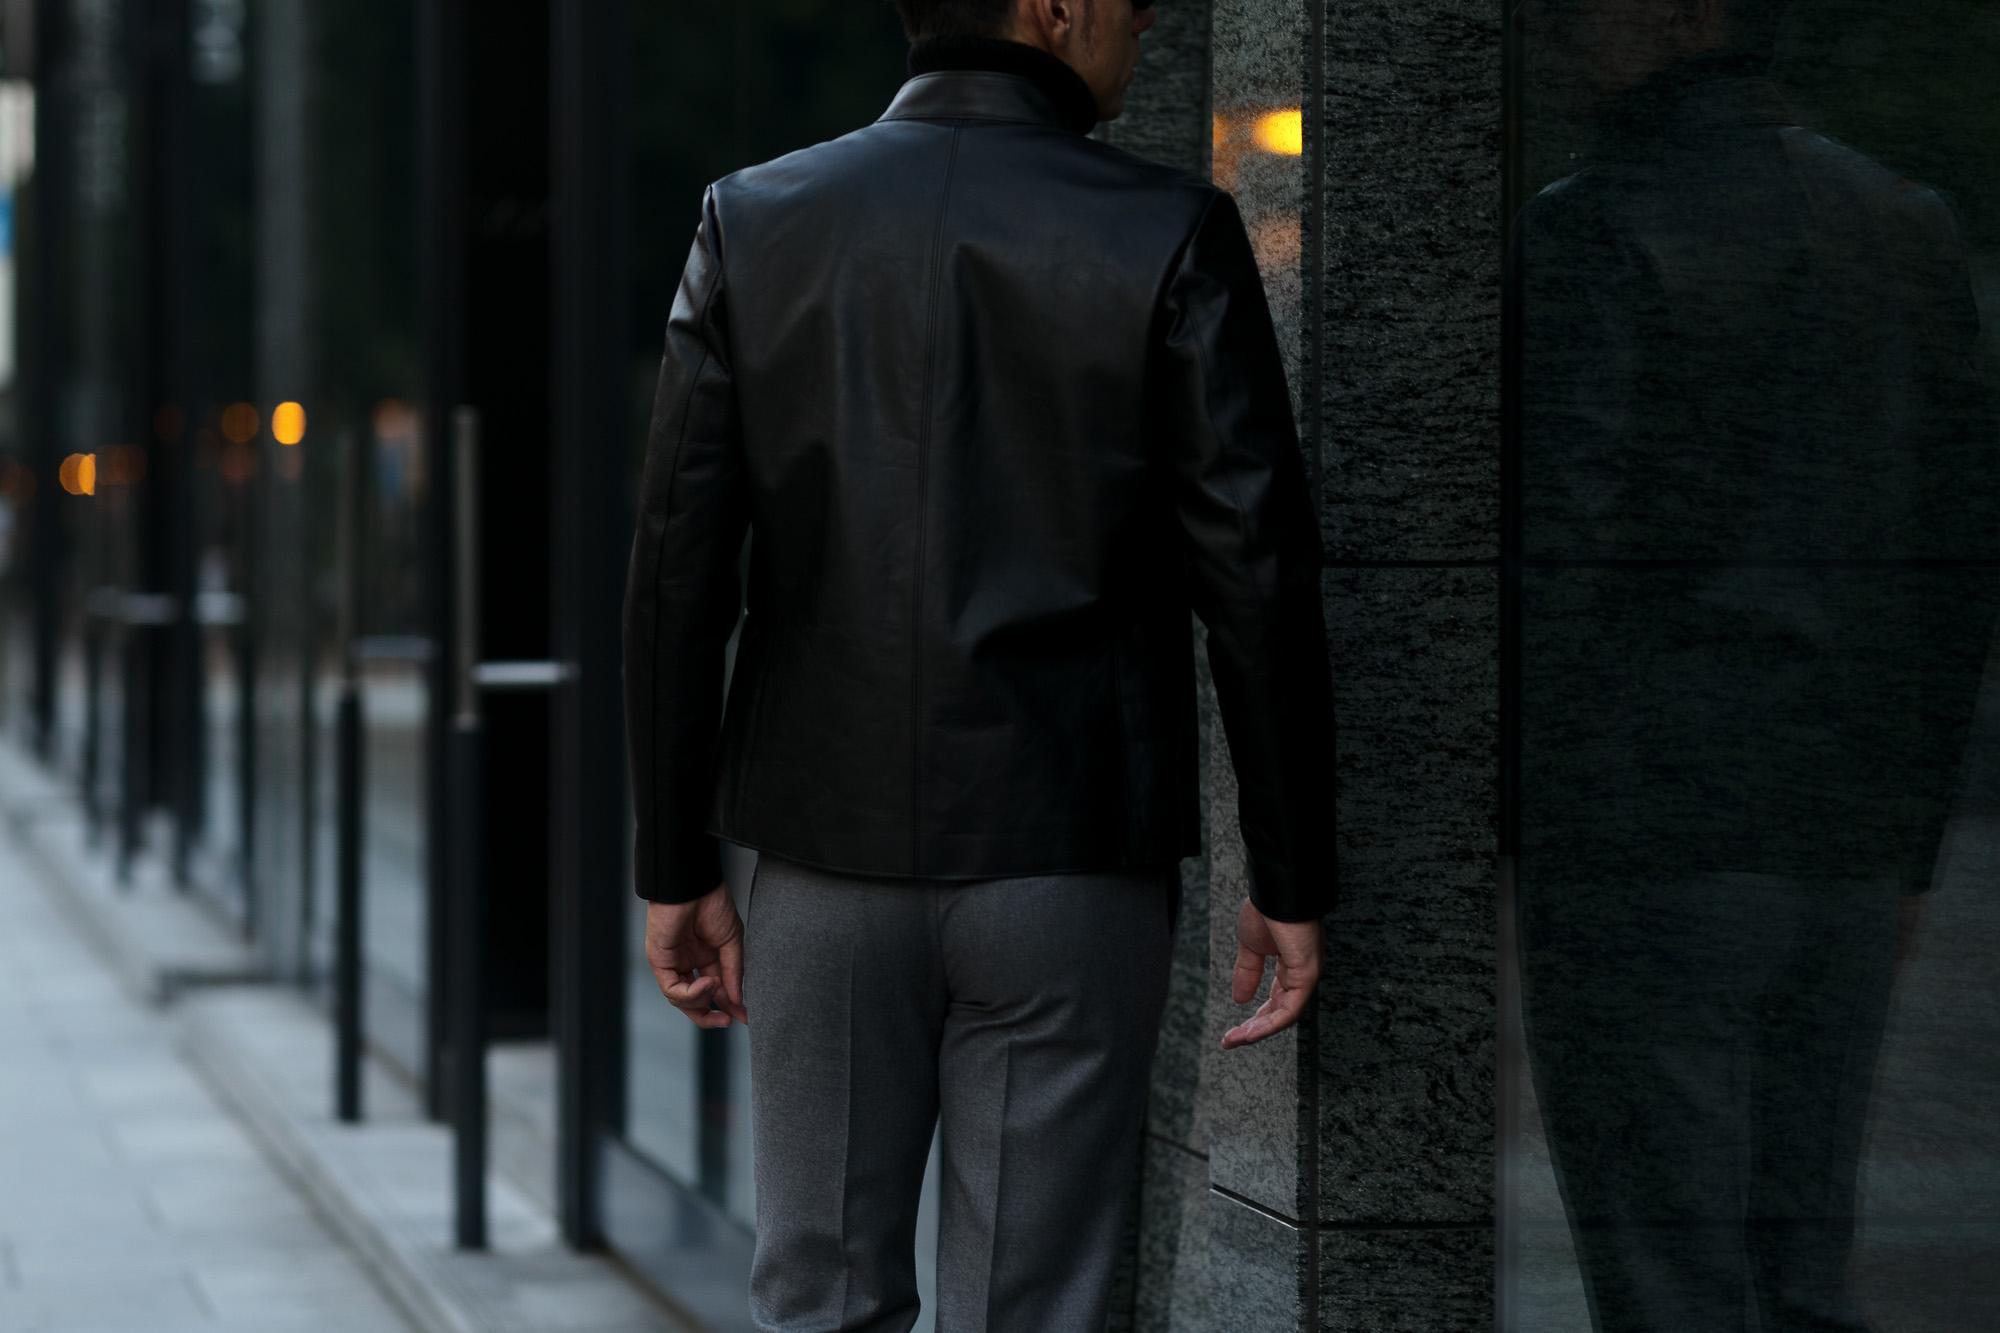 cuervo bopoha (クエルボ ヴァローナ) Satisfaction Leather Collection (サティスファクション レザー コレクション) RICHARD (リチャード) COW LEATHER (カウレザー) シングル ライダース ジャケット BLACK (ブラック) MADE IN JAPAN (日本製) 2019 秋冬新作 cuervobopoha 愛知 名古屋 altoediritto アルトエデリット